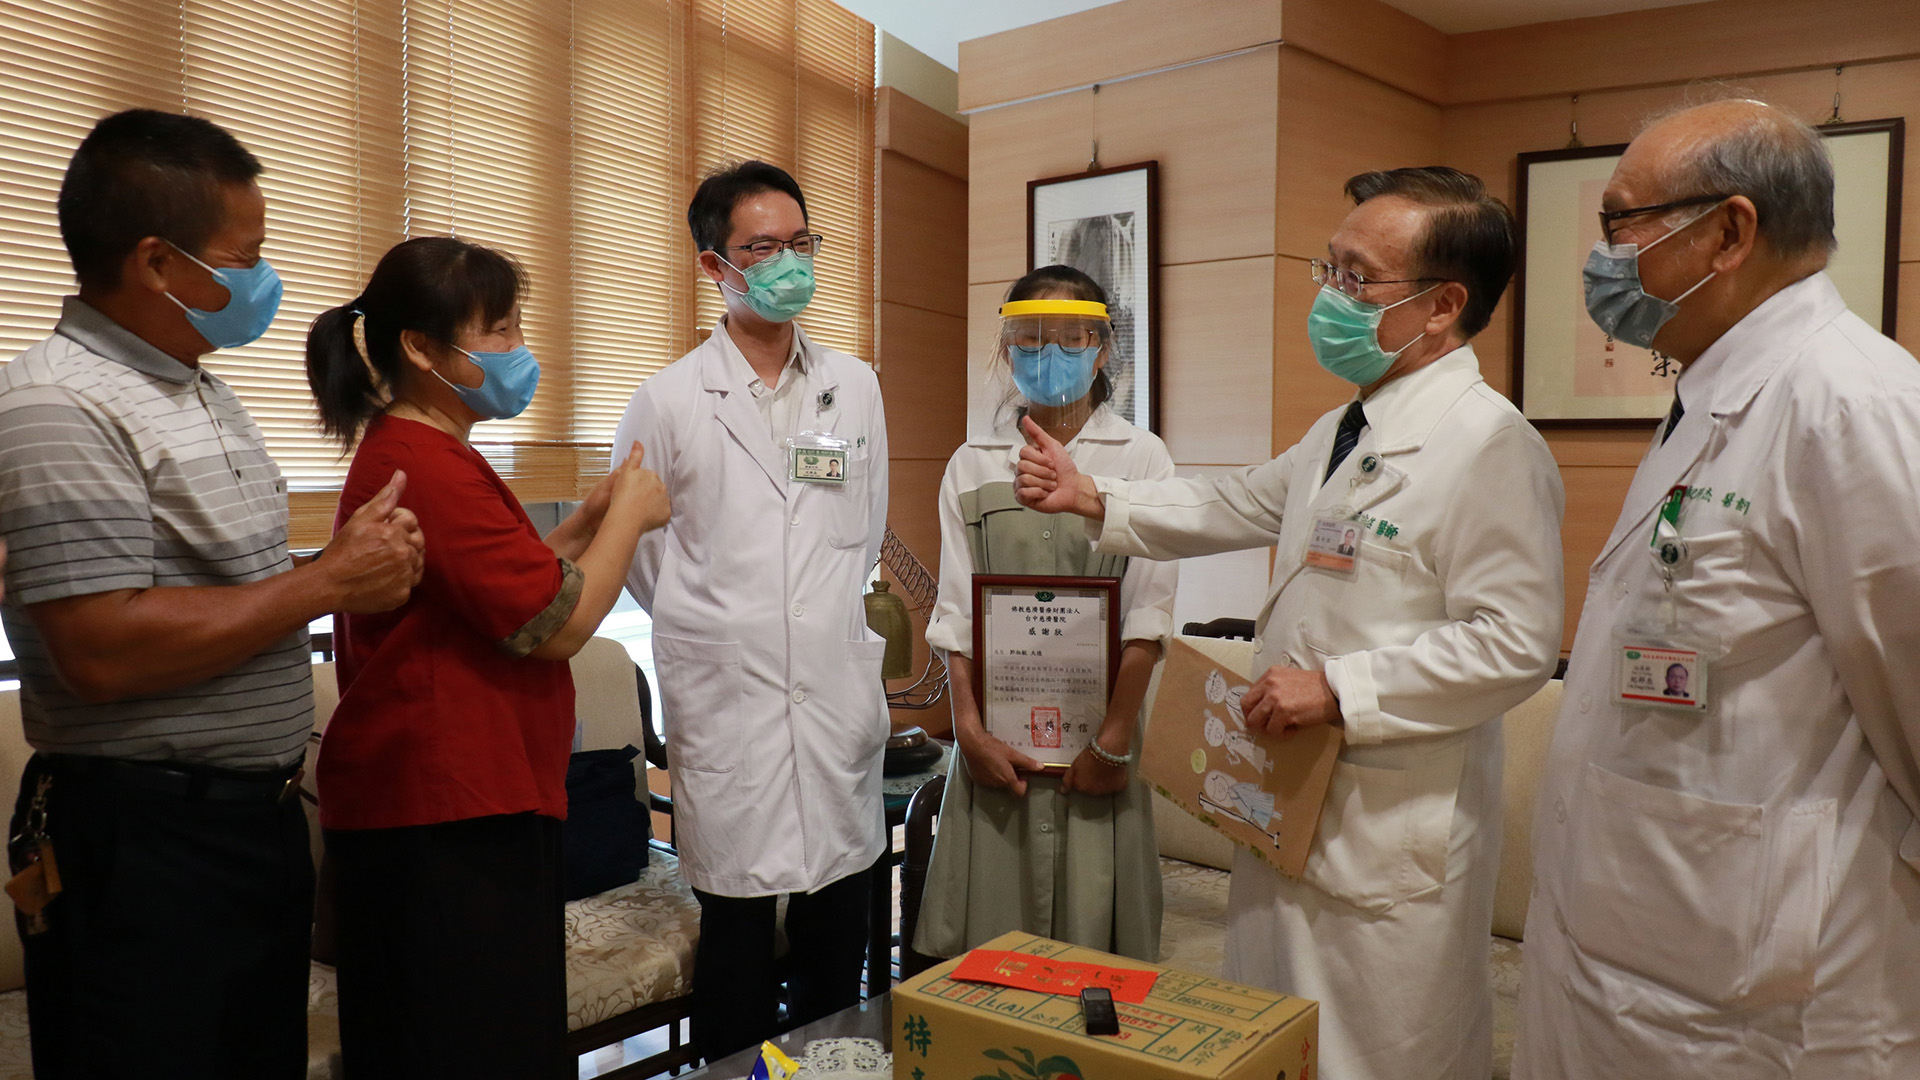 年輕女老師(左四)與家人(左一、左二)捐贈100萬元,希望為臺中慈濟醫院醫護同仁加油打氣。